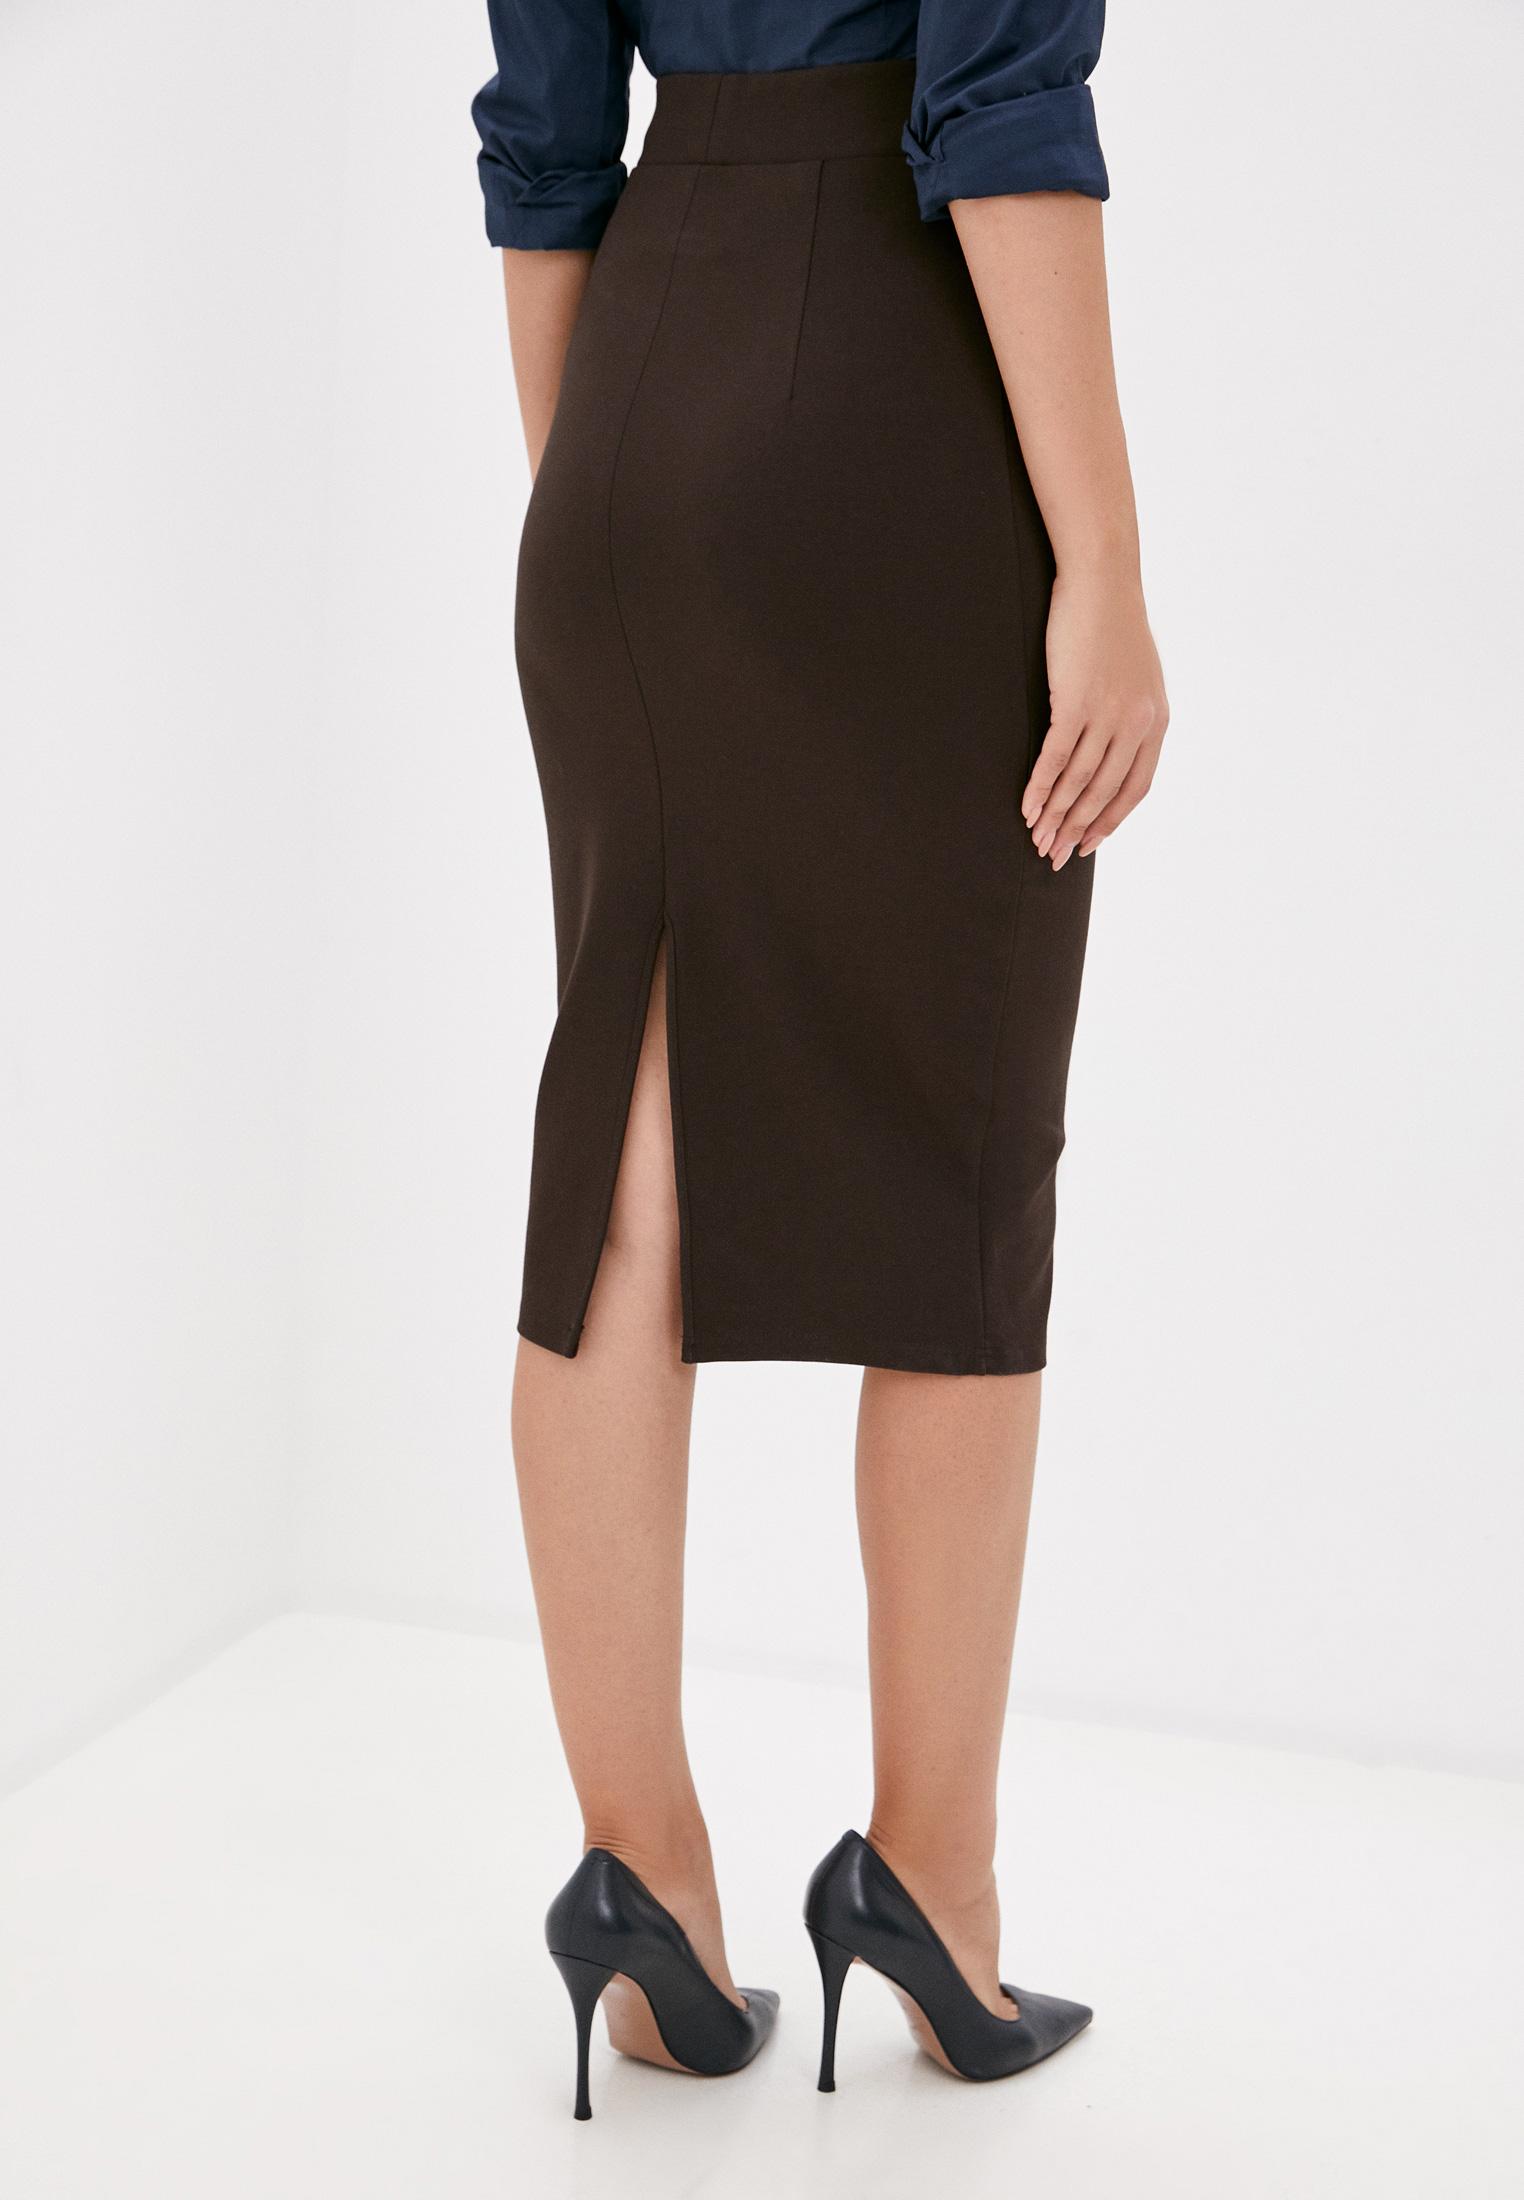 Узкая юбка Toku Tino TT8518027a/: изображение 3